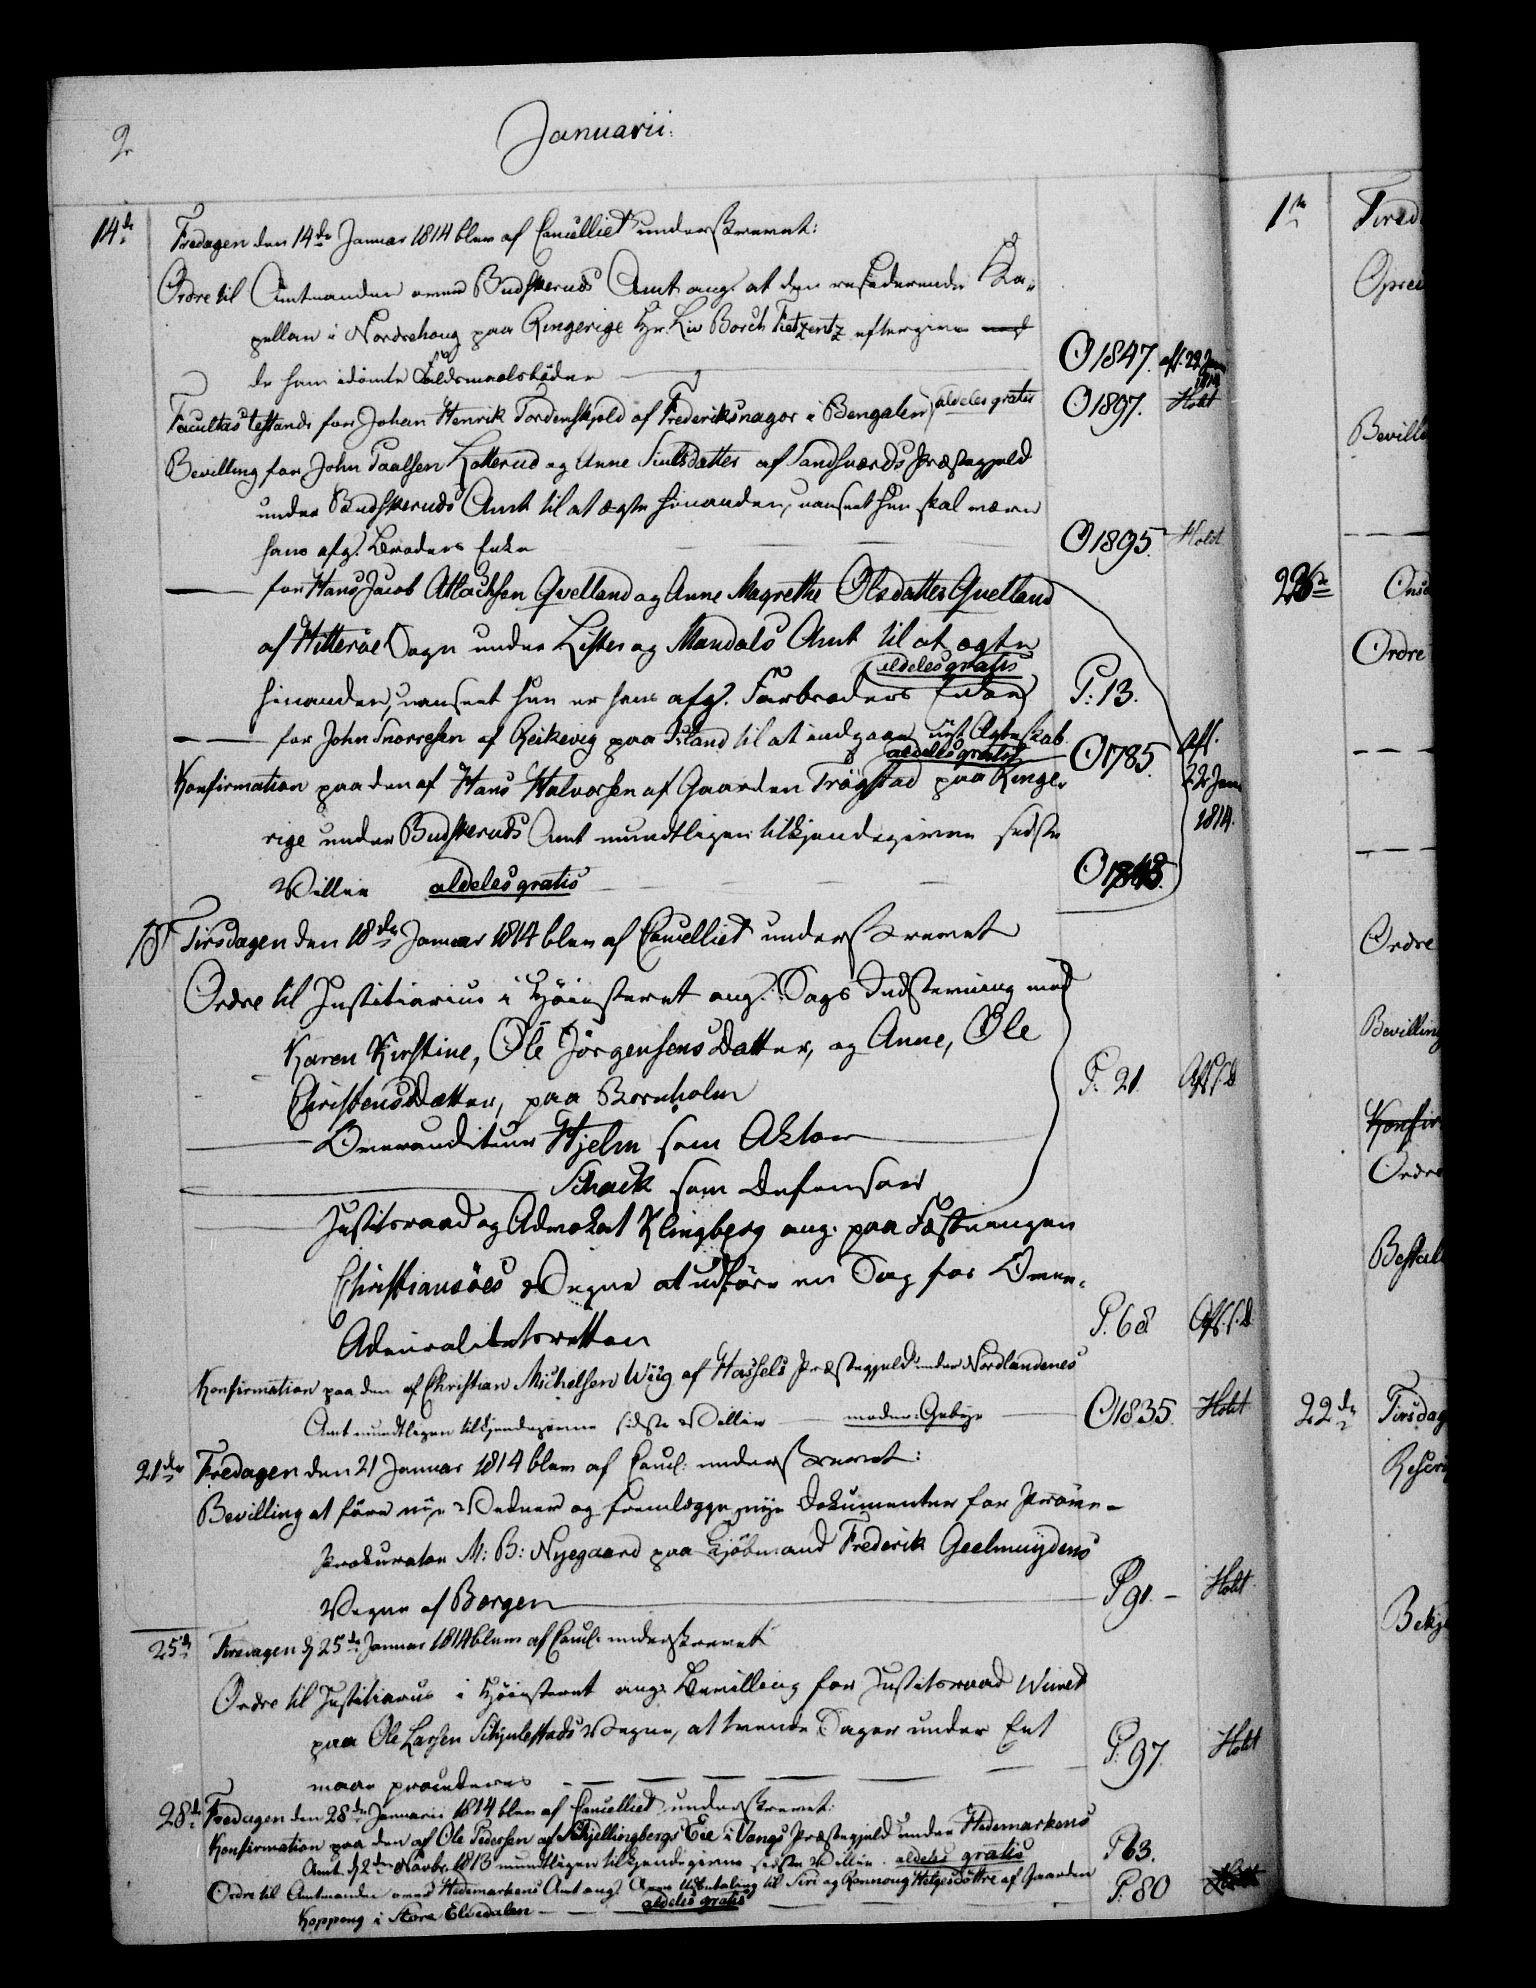 RA, Danske Kanselli 1800-1814, H/Hf/Hfb/Hfbc/L0015: Underskrivelsesbok m. register, 1814, s. 2